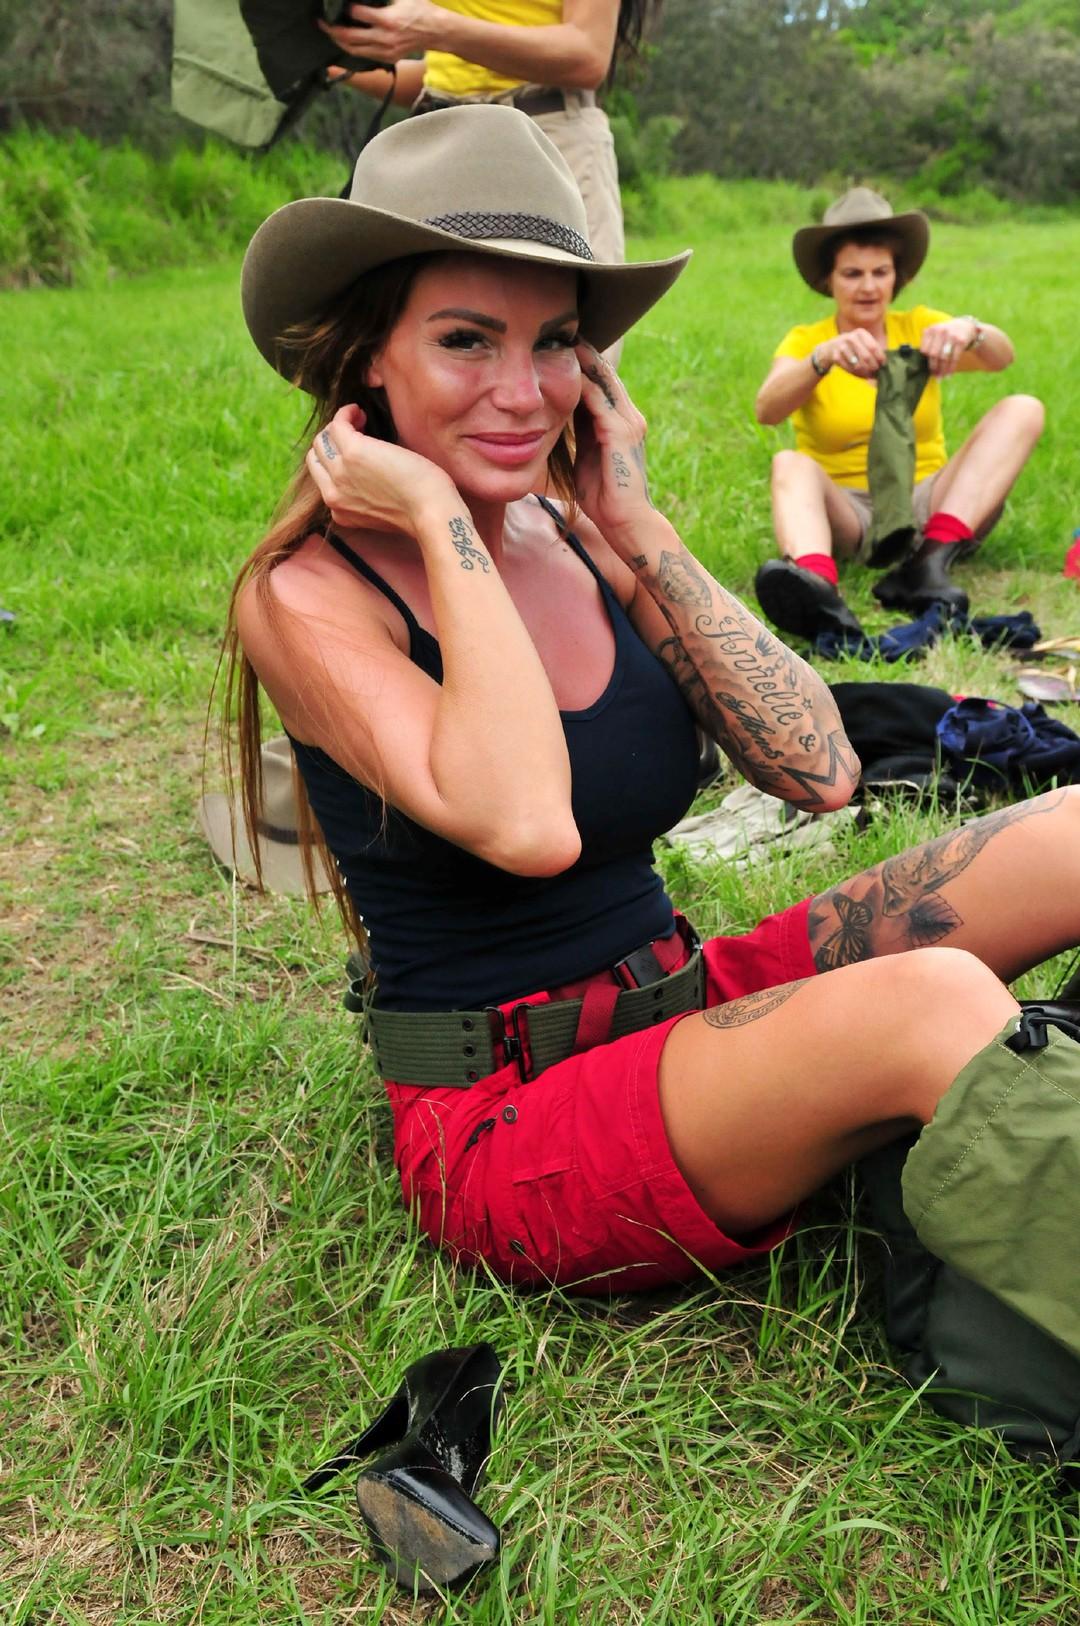 Dschungelcamp 2017 - Tag 1 - Bild 21 von 41